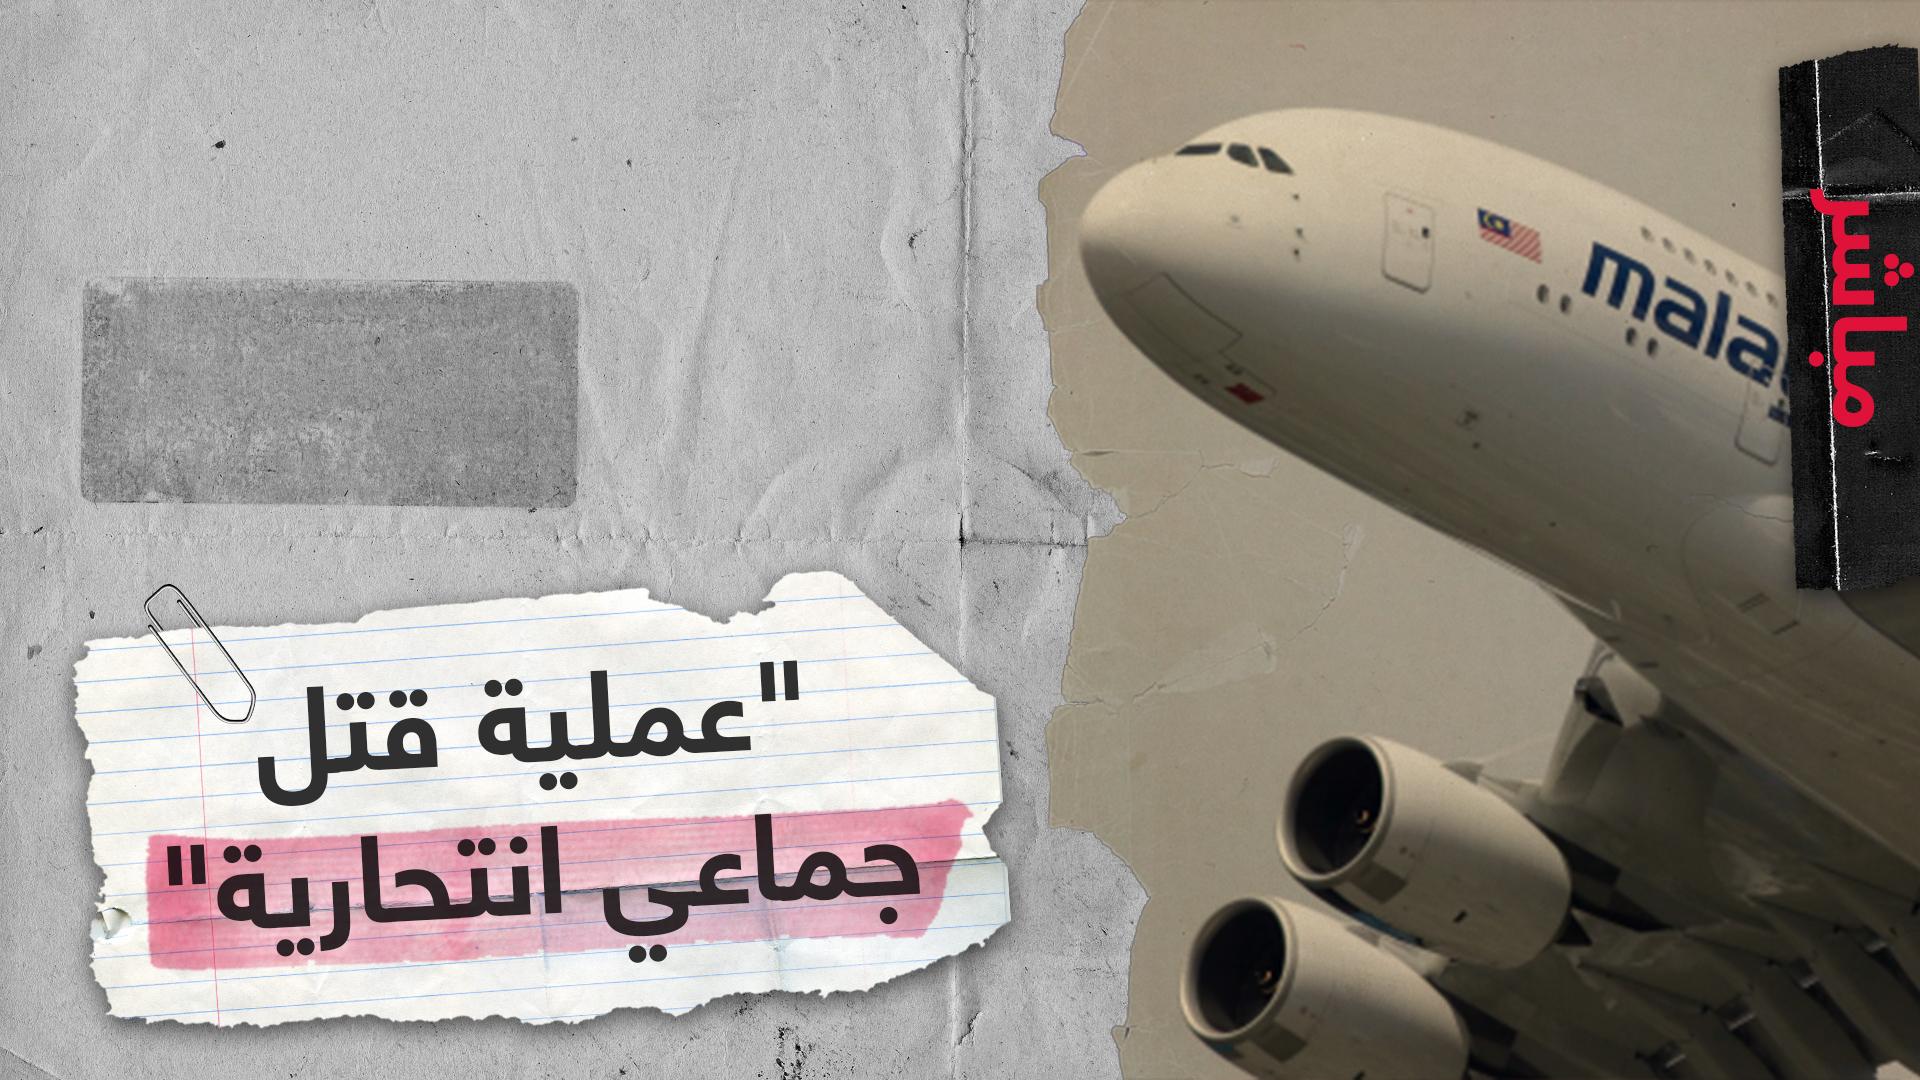 سر اختفاء الرحلة الماليزية الغامض.. هل يتعلق الأمر بانتحار الطيار؟